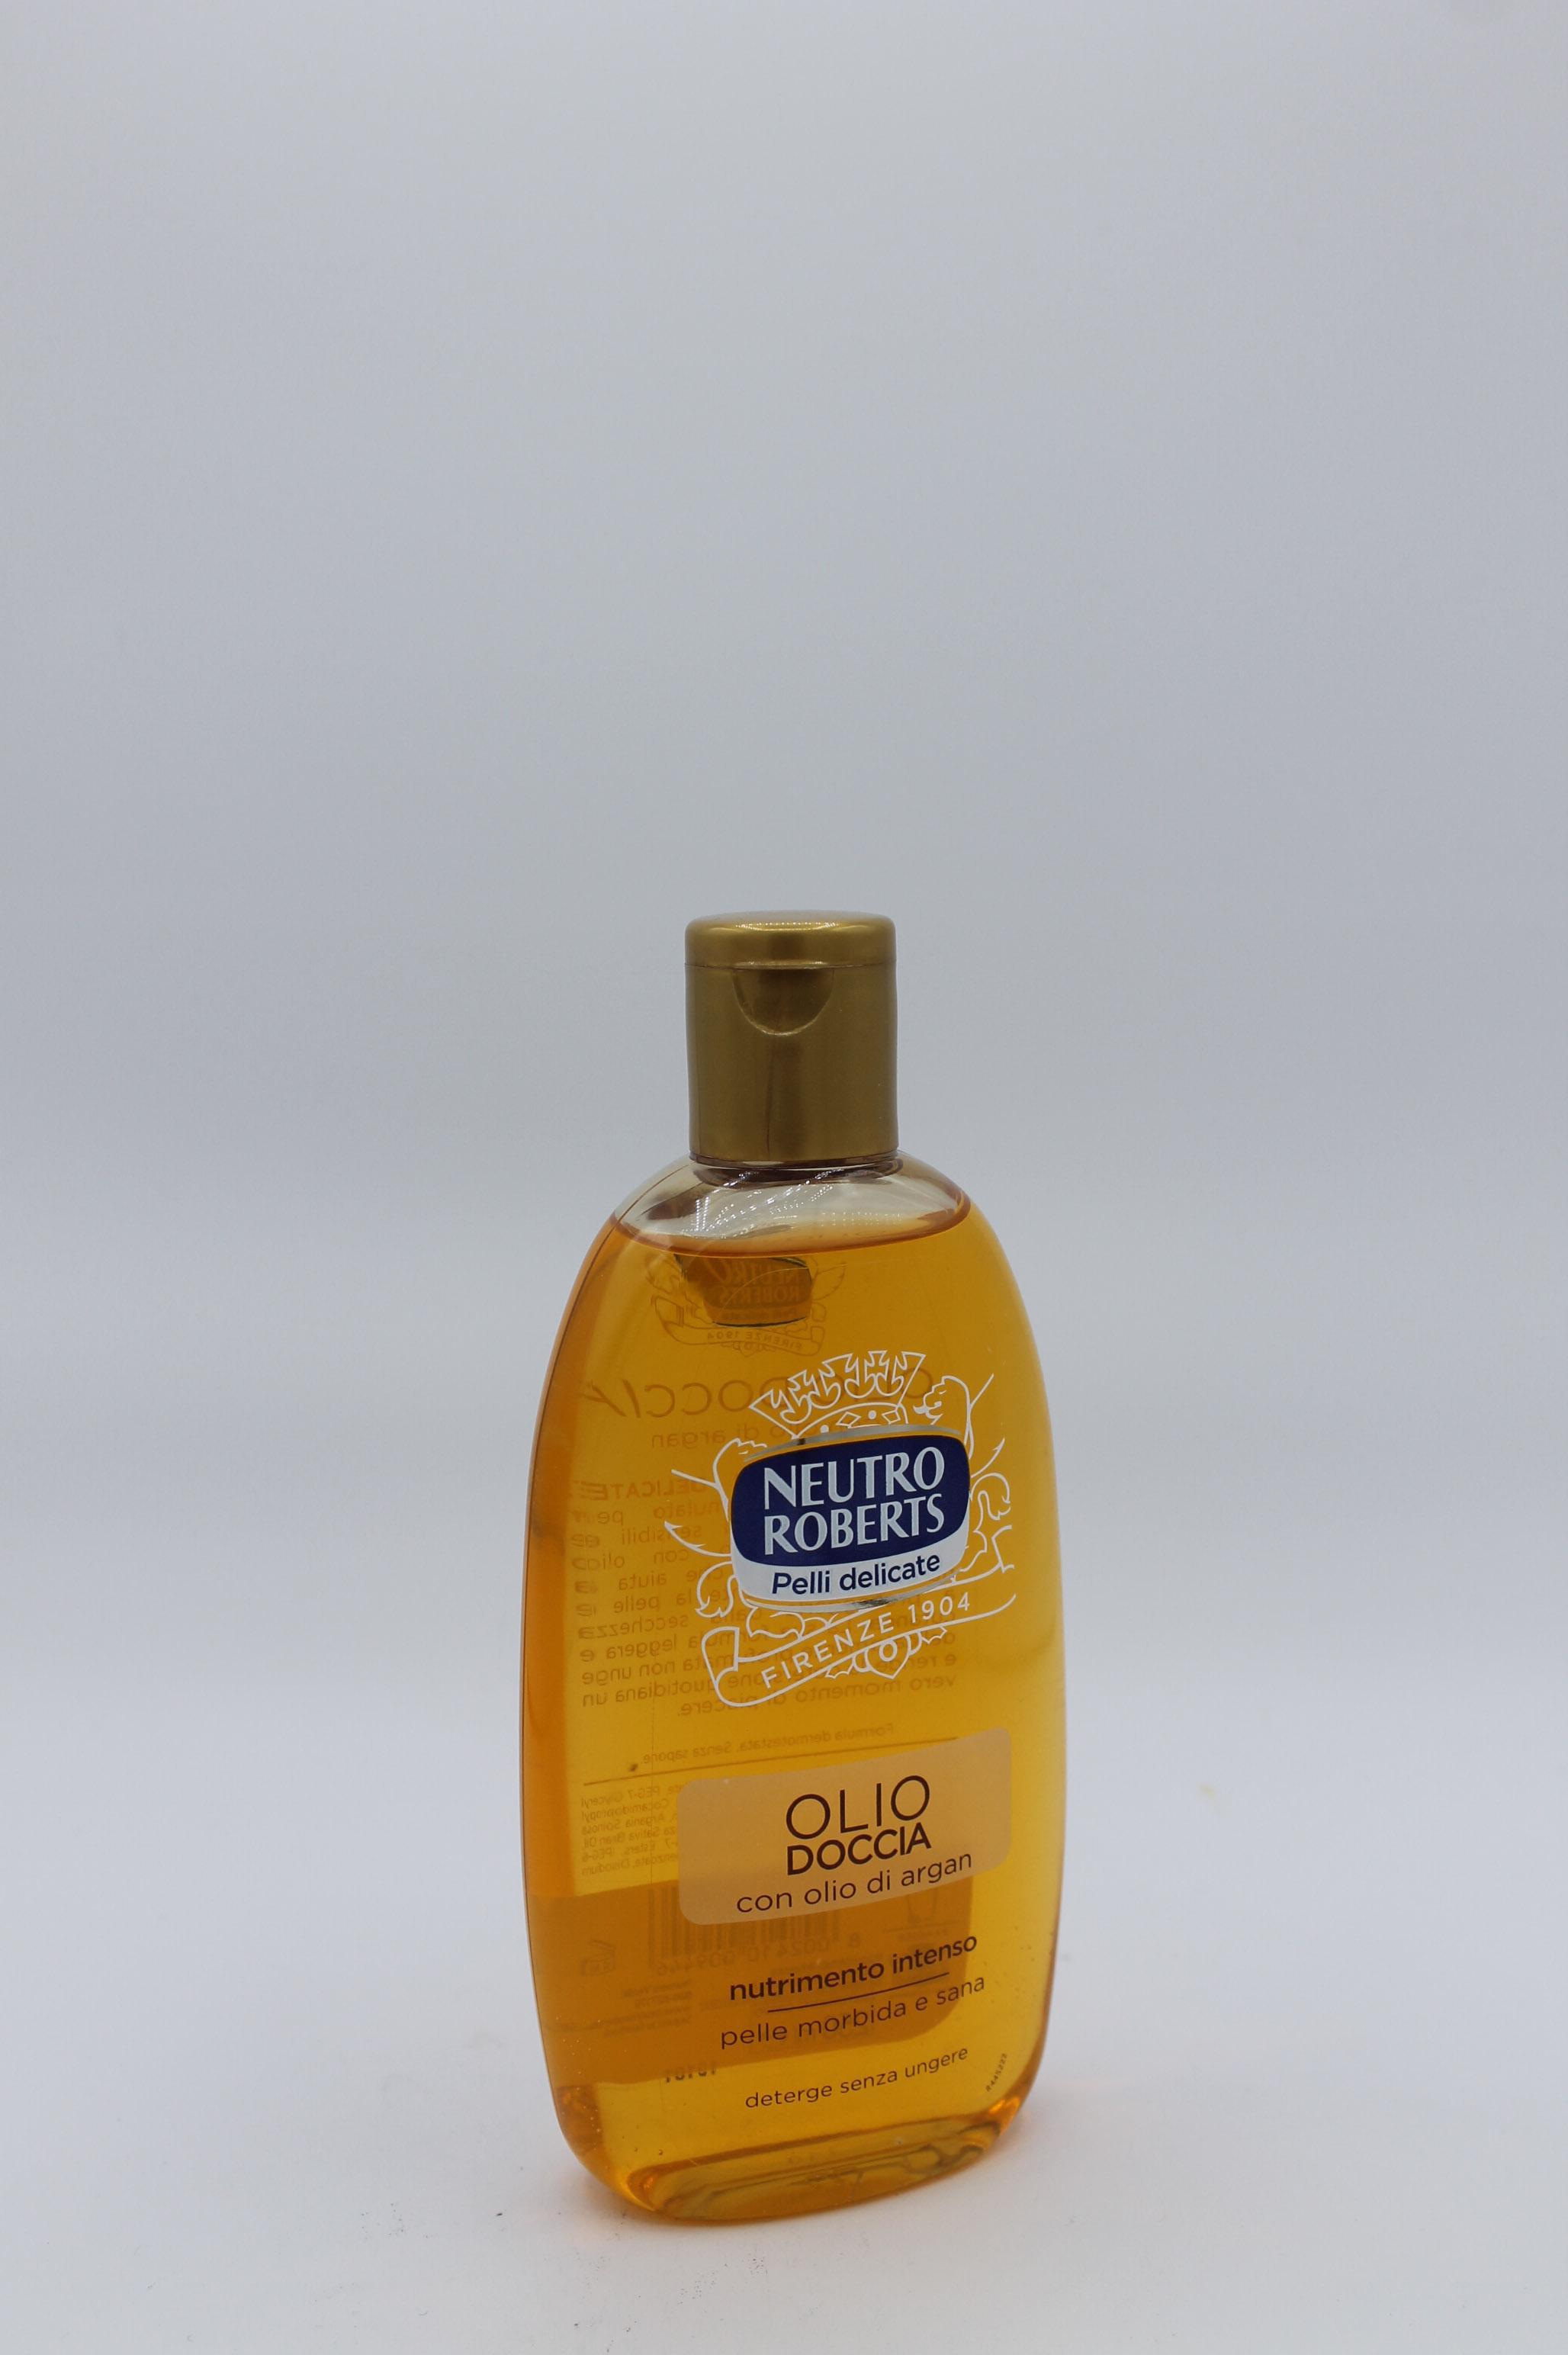 Neutro Roberts olio doccia argan 250ml.